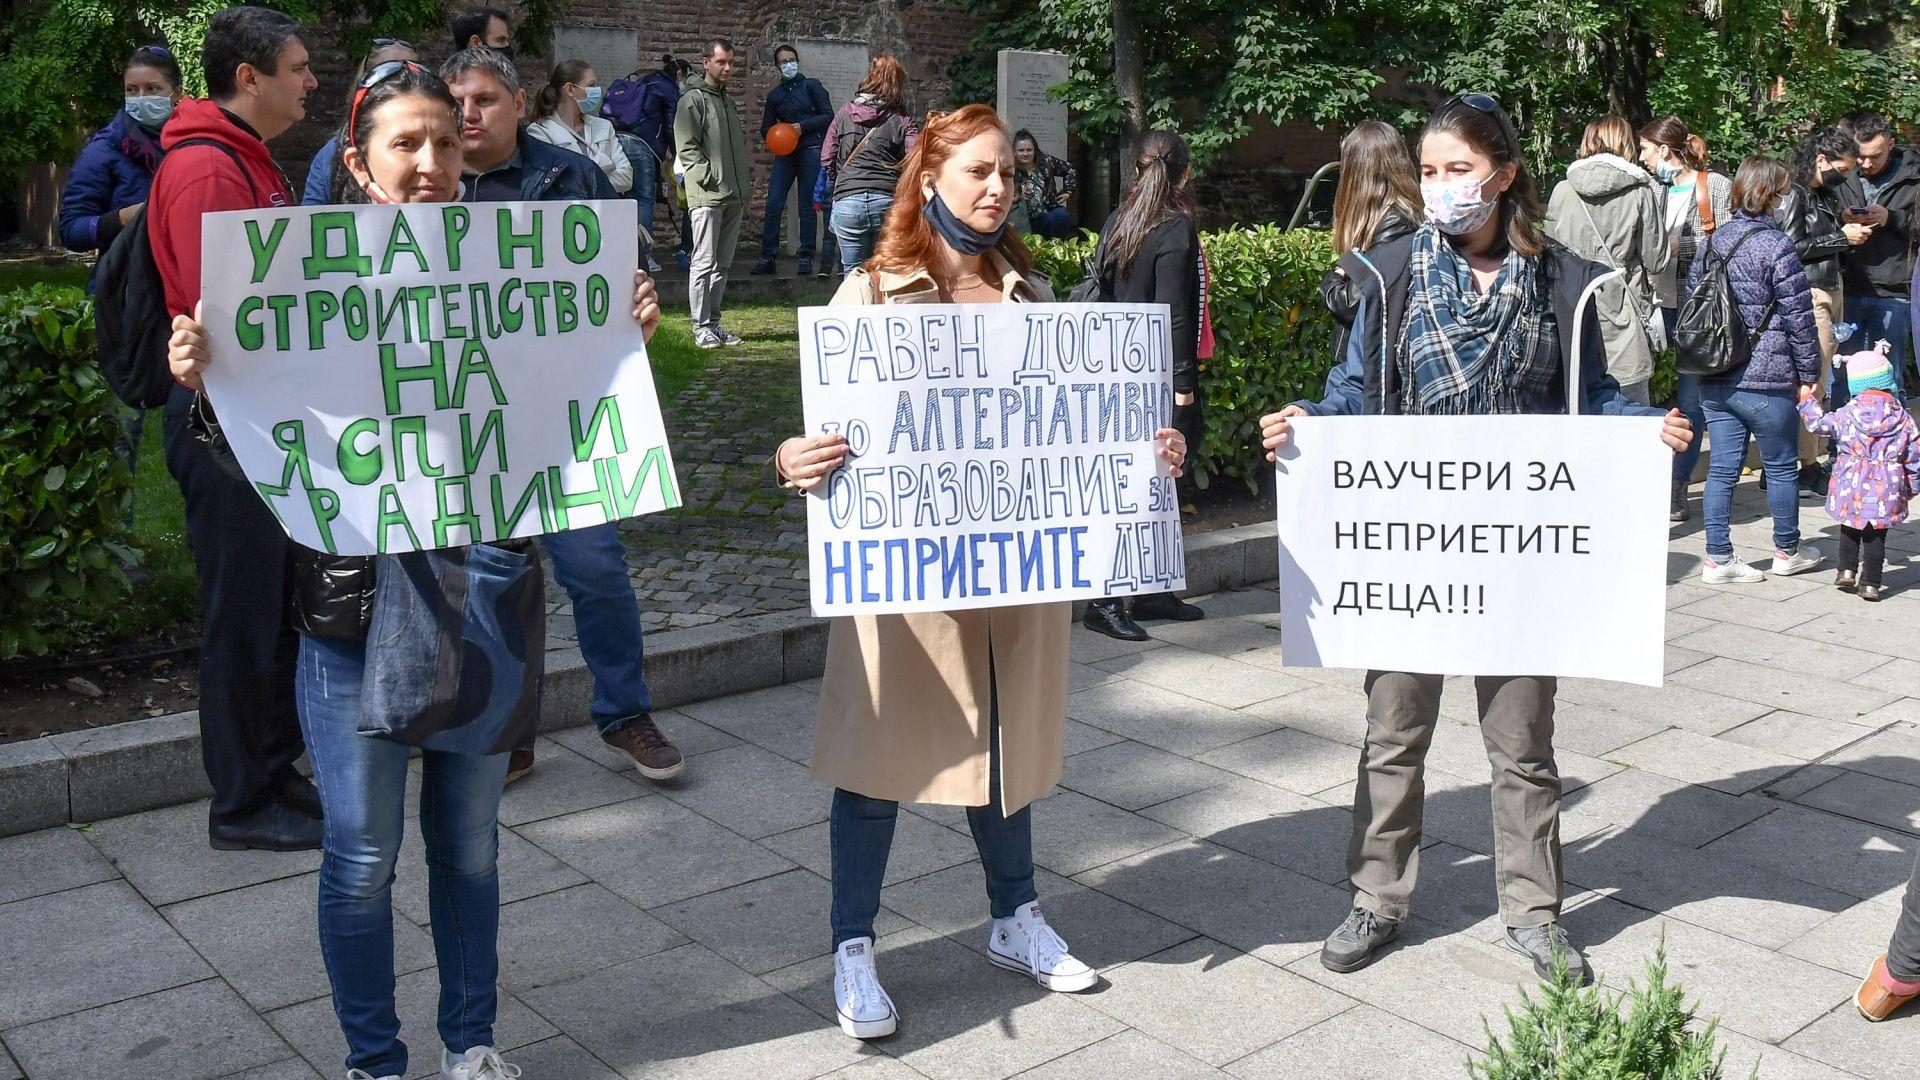 Кризата с детските градини в София: Родители на протест, заплашват да блокират Орлов мост